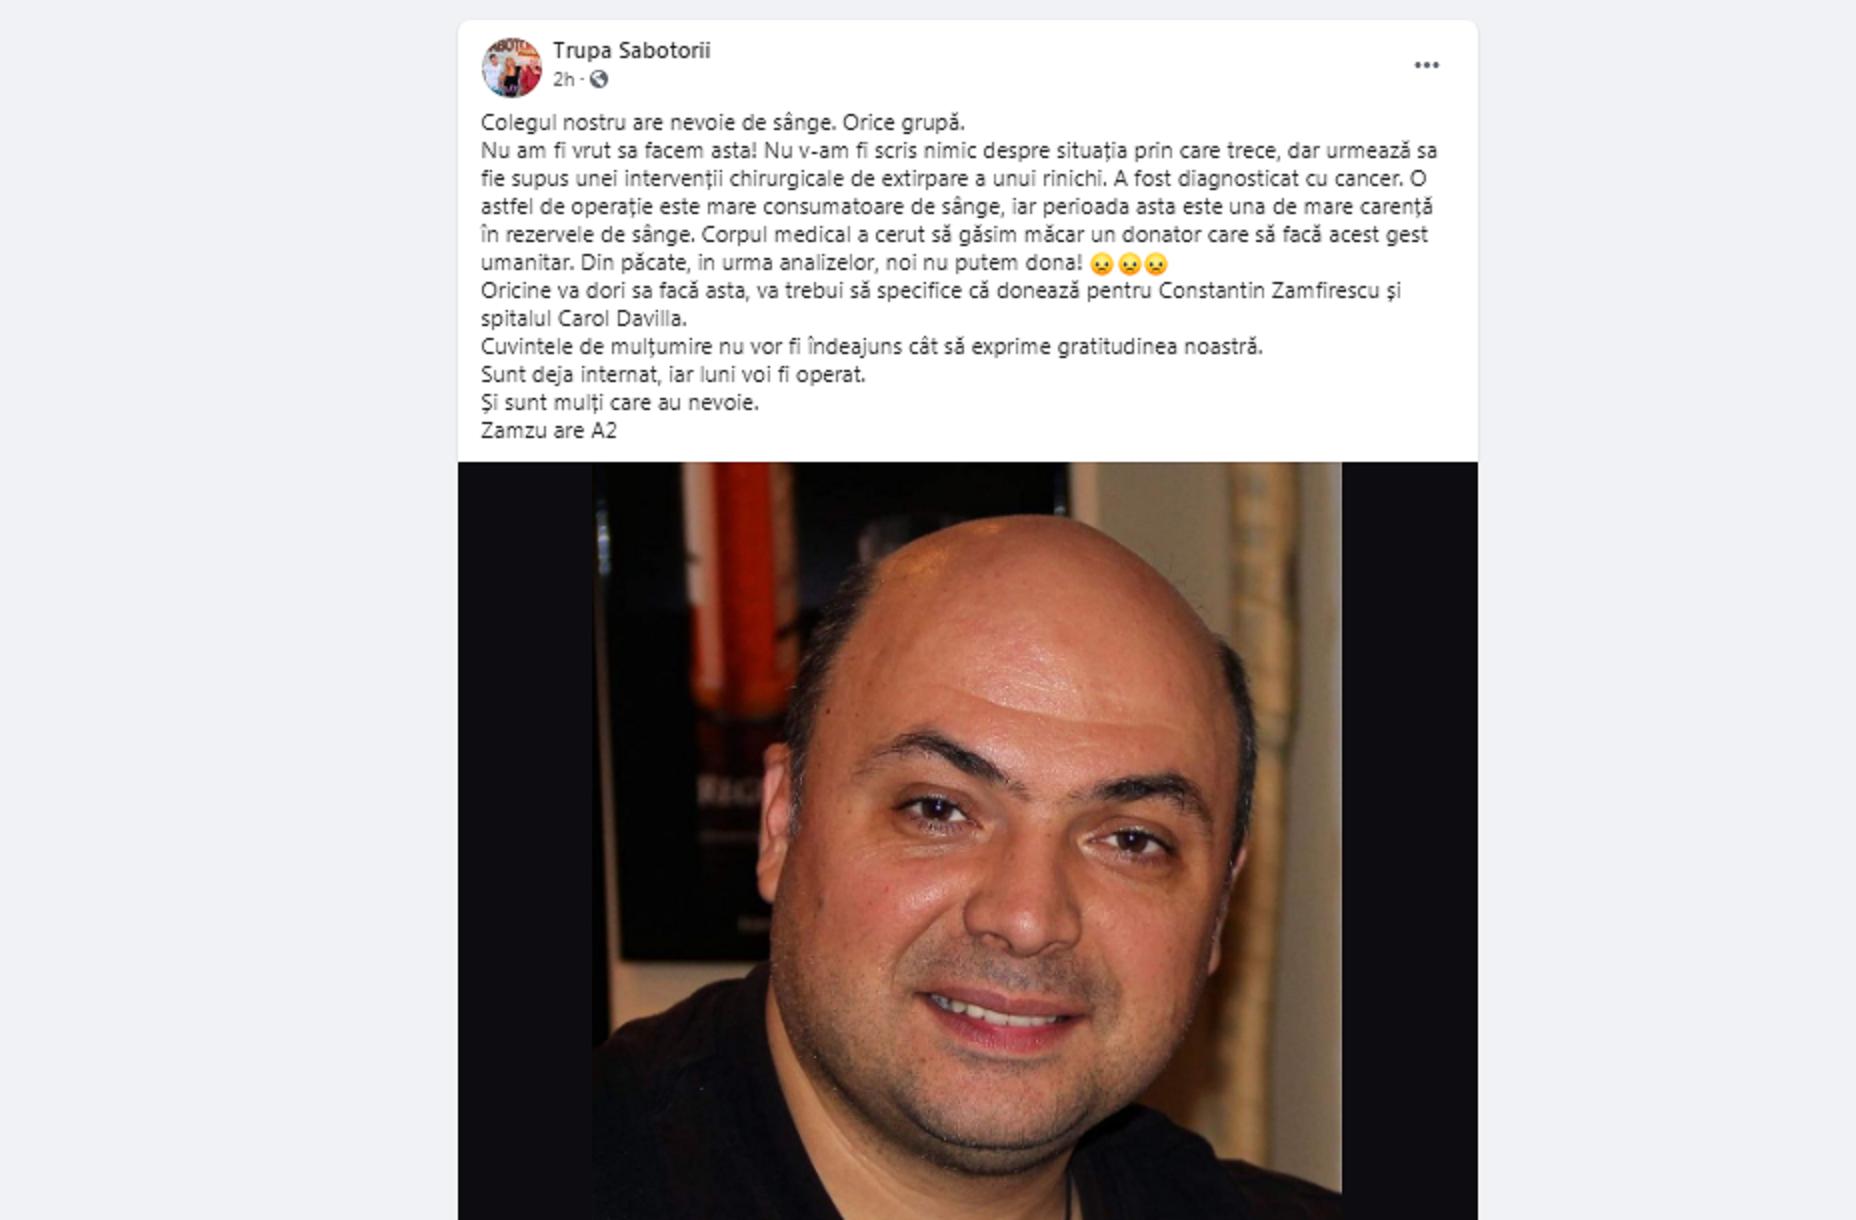 Anuntul prin care se cere ajutor pentru Constantin Zamfir